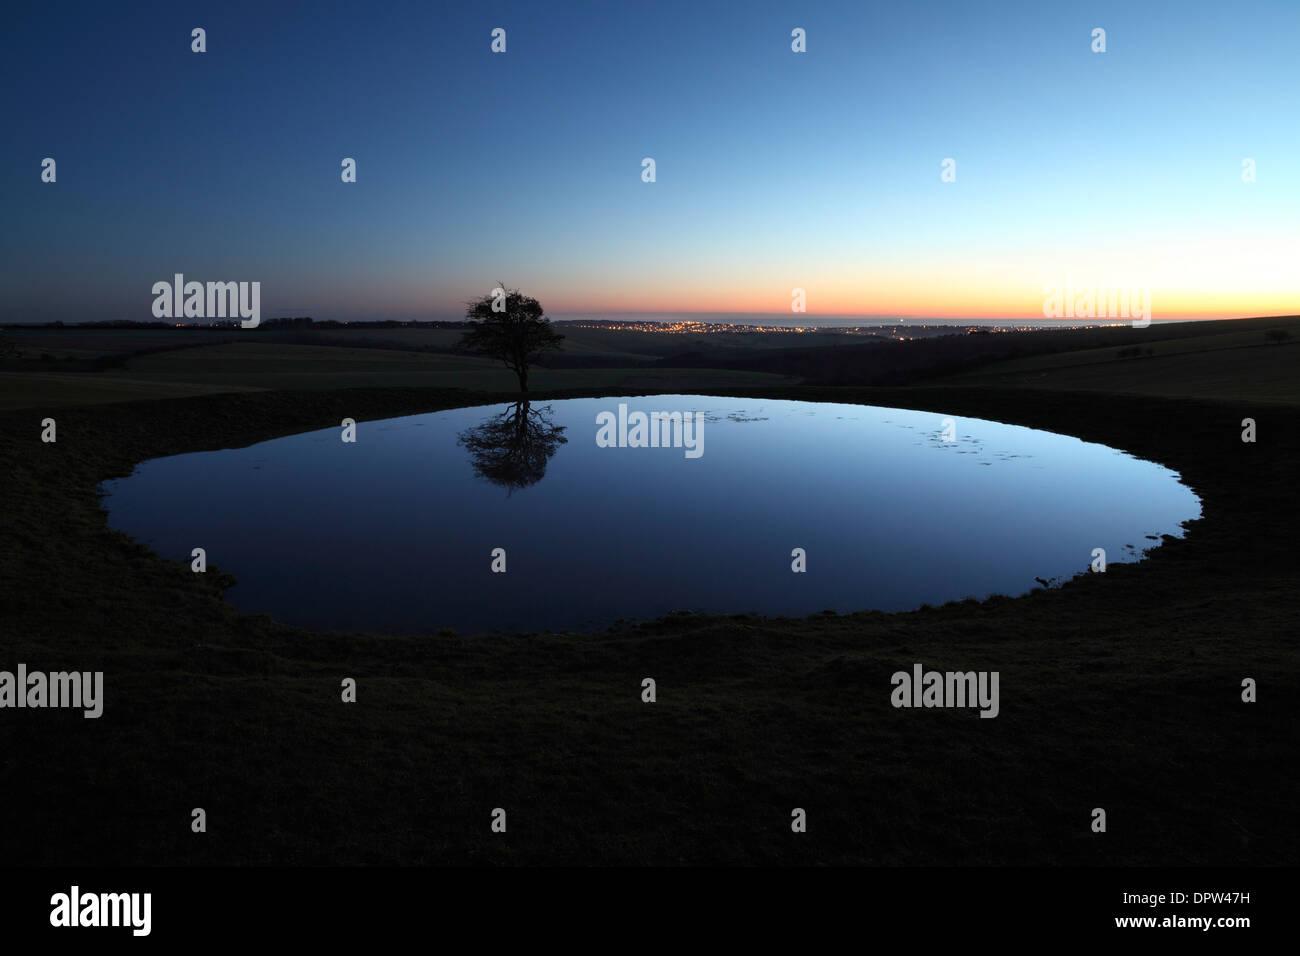 Tau-Teich auf der South Downs in der Abenddämmerung. Das Meer und die Lichter von Brighton sind nur sichtbar im Hintergrund. Stockbild